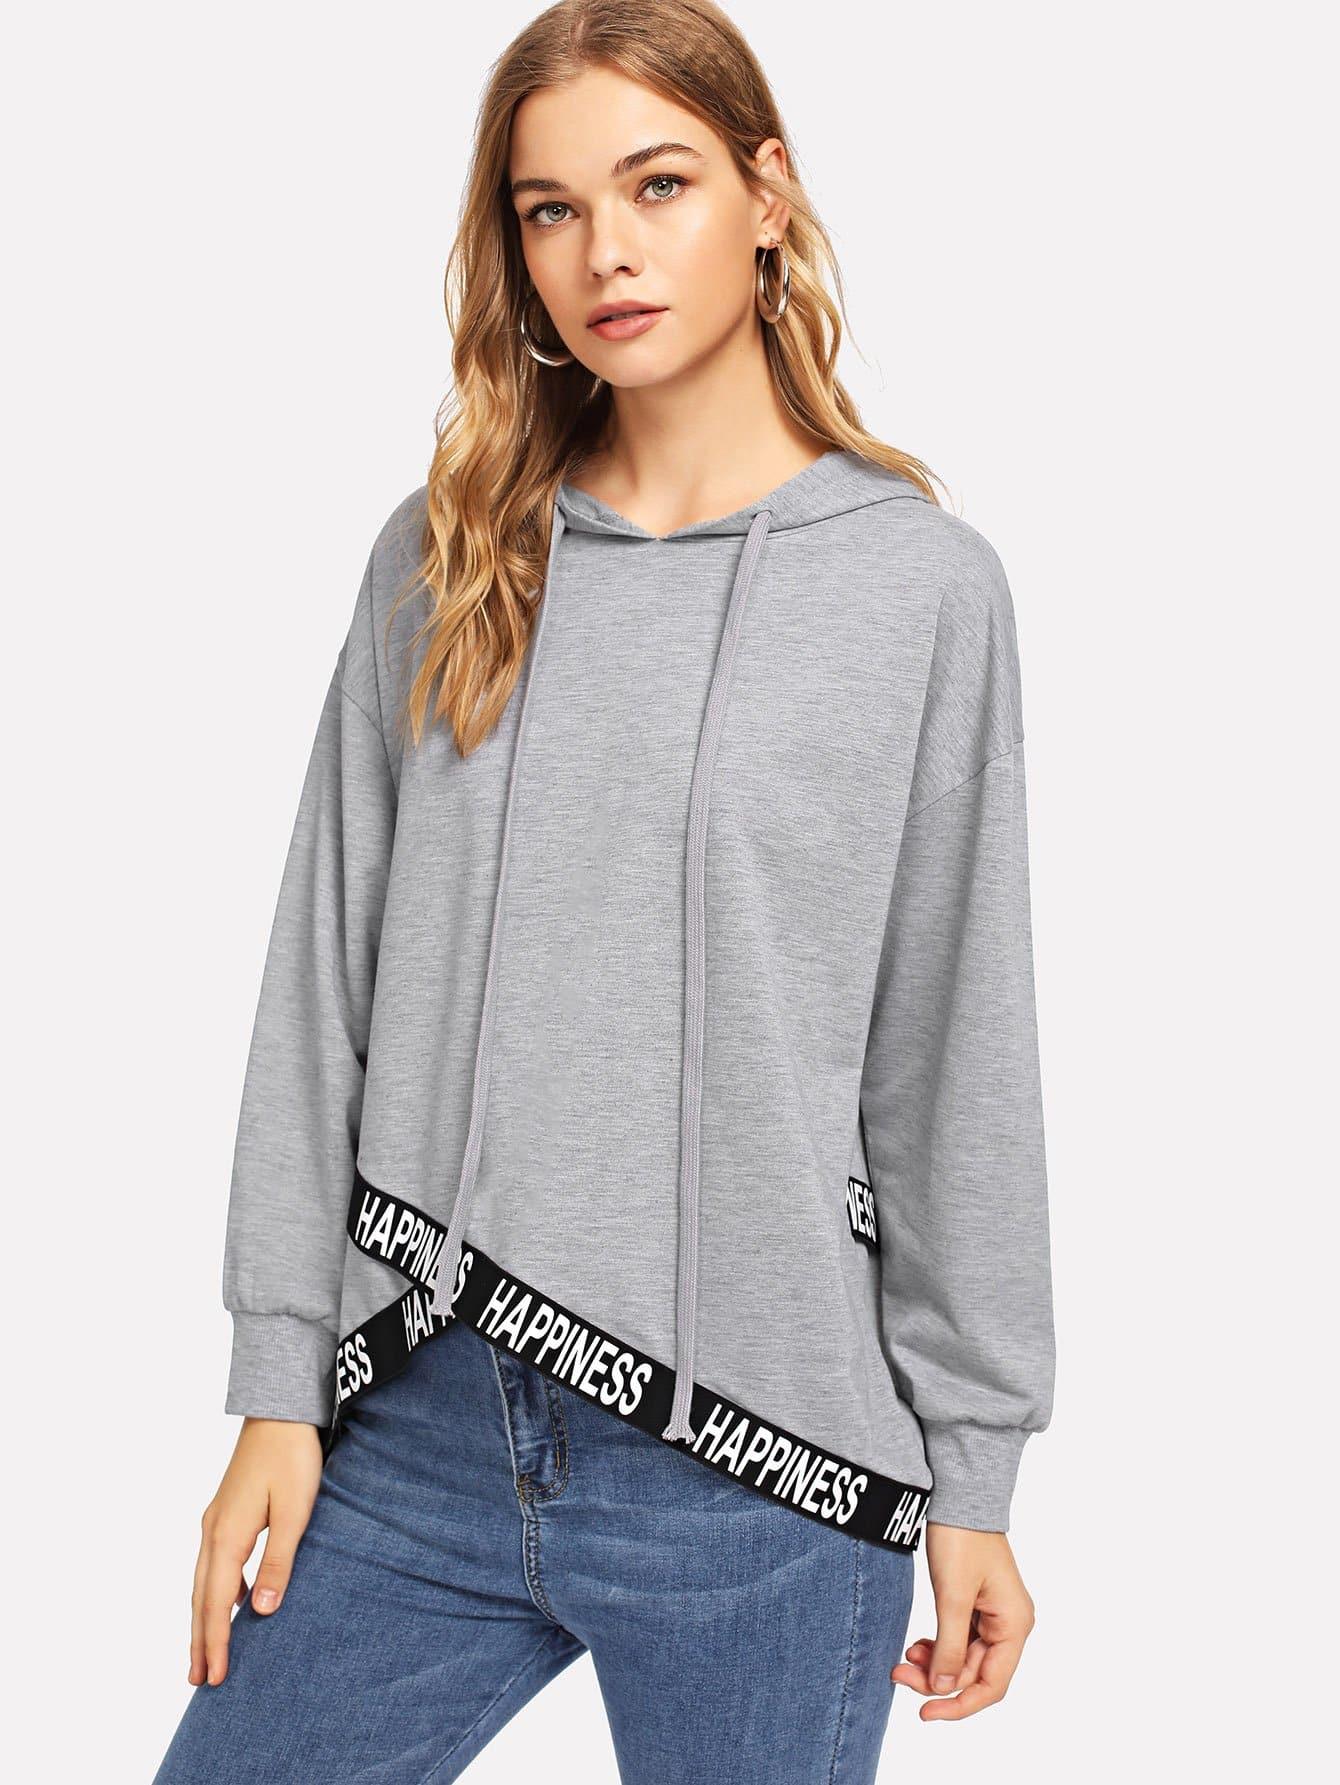 Купить Повседневный Текст на кулиске Пуловеры Серый Свитшоты, Teresa, SheIn